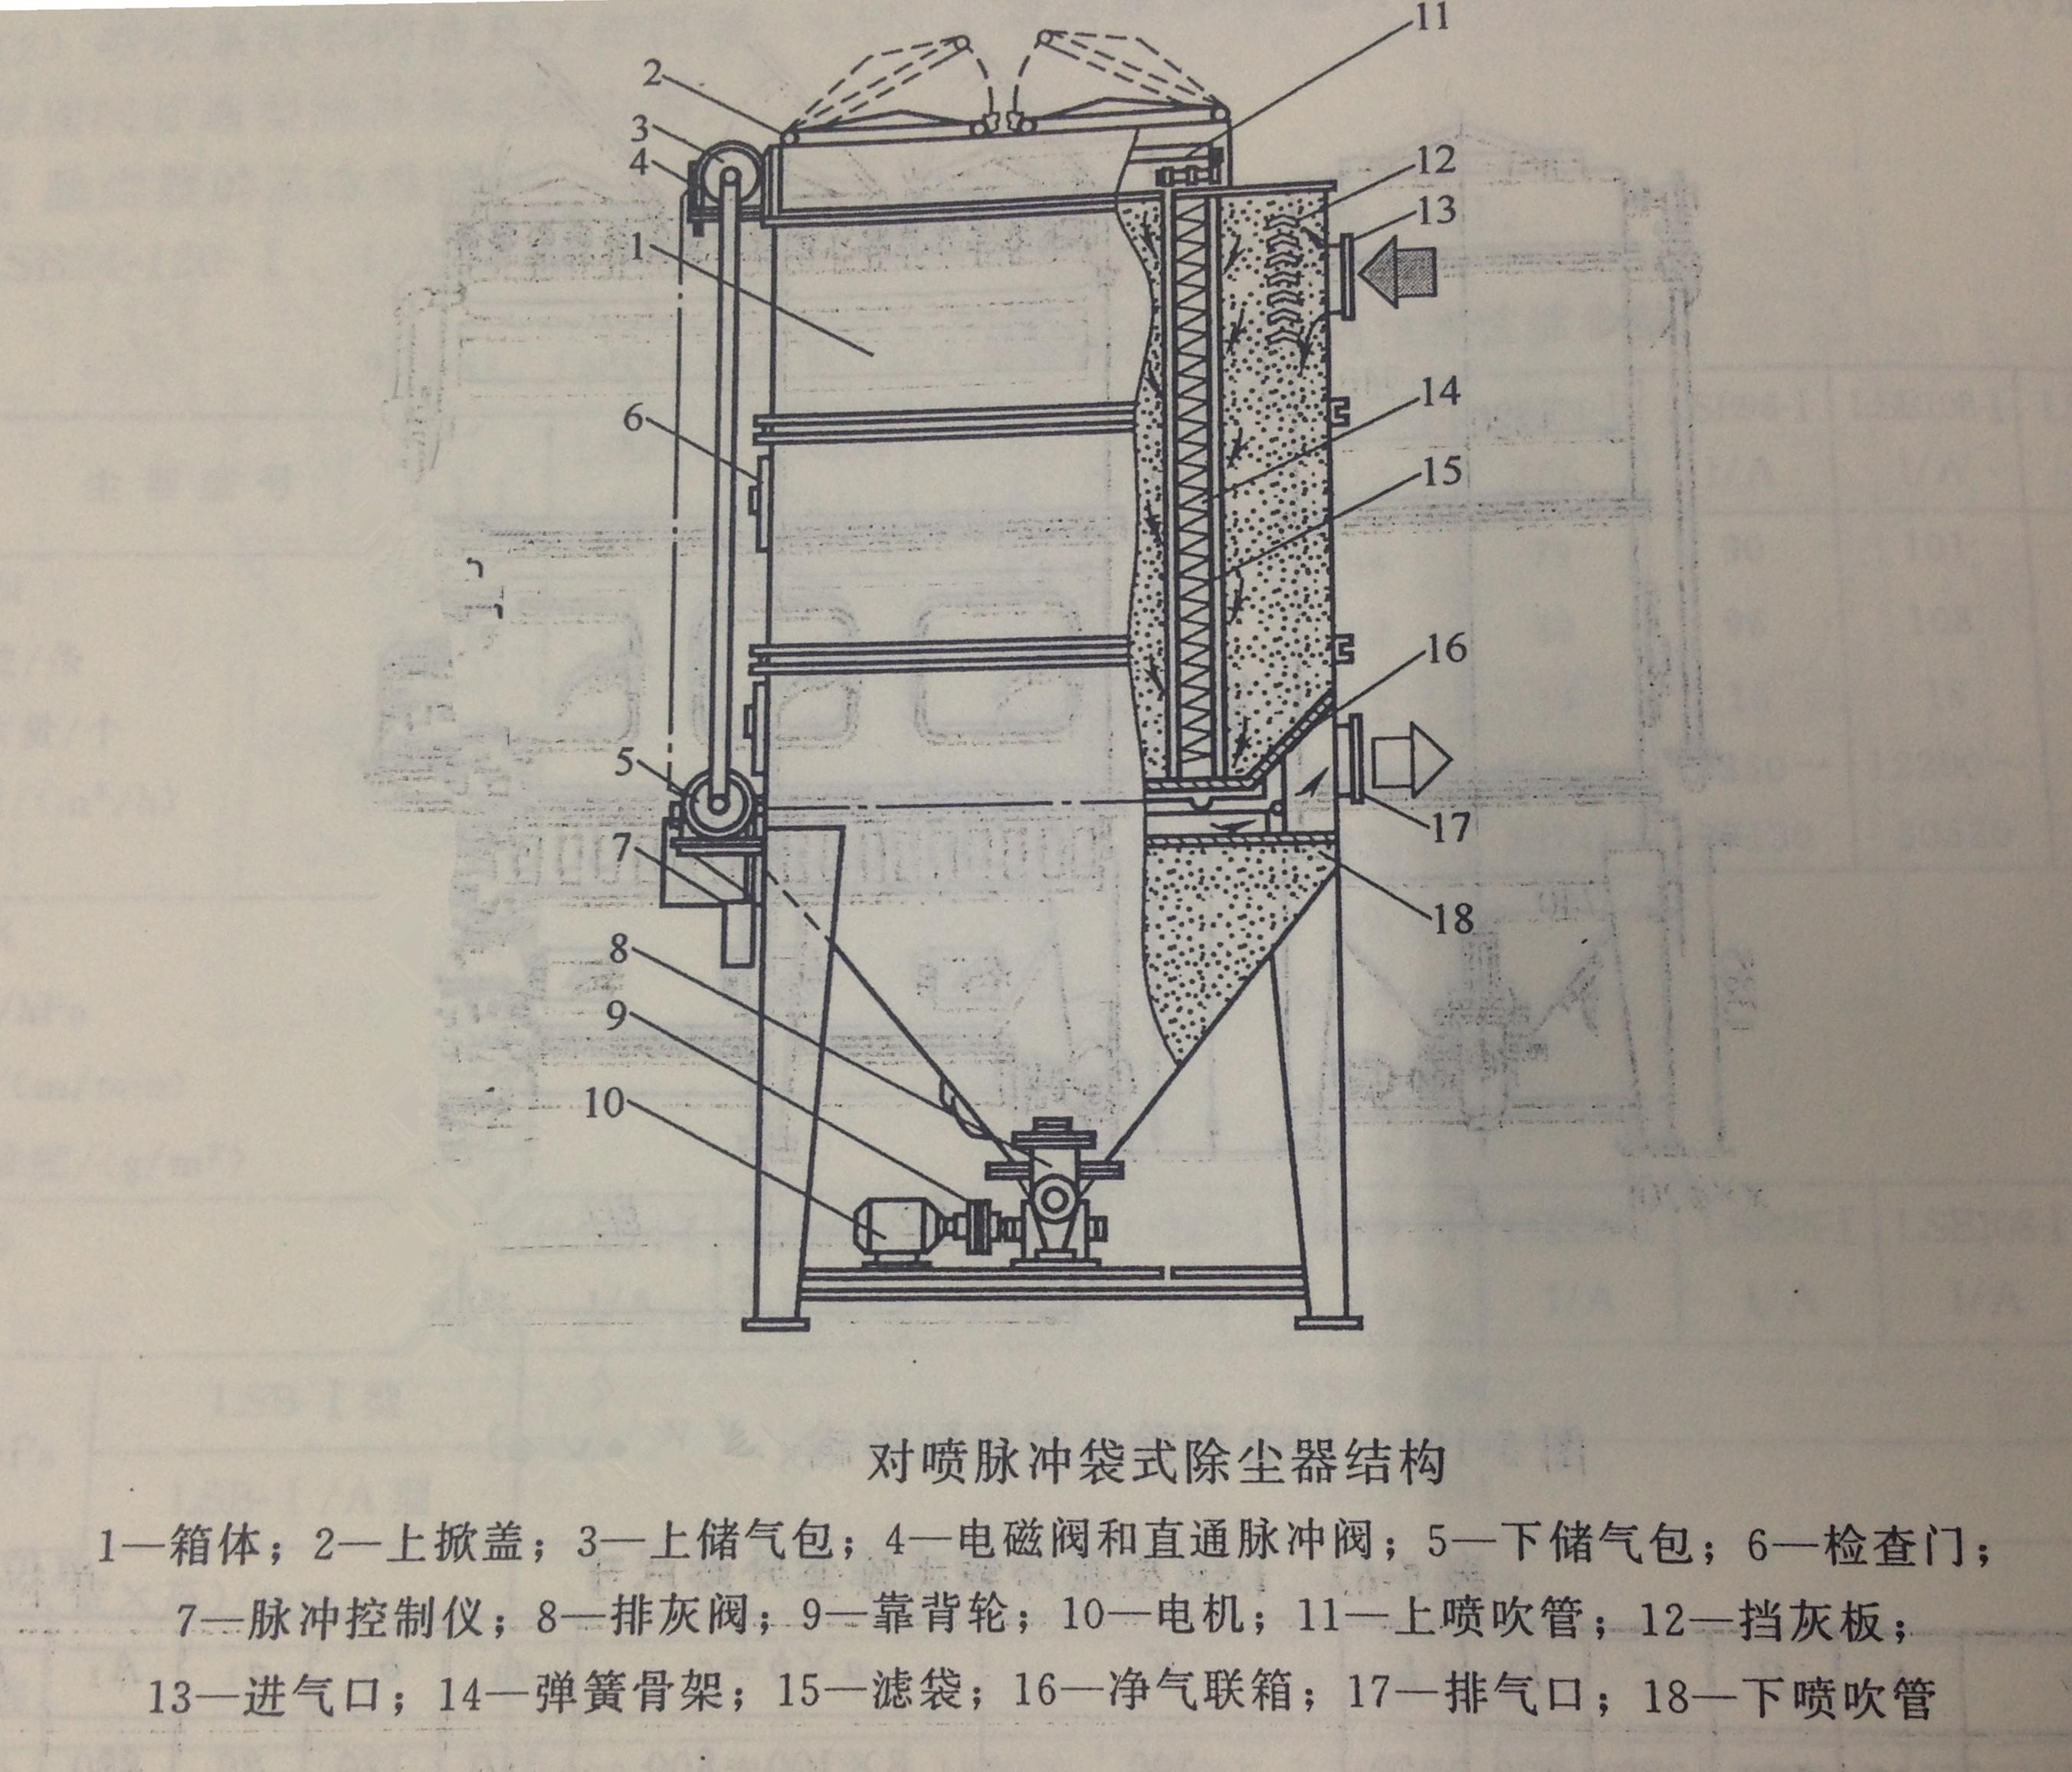 对喷脉冲布袋除尘器结构